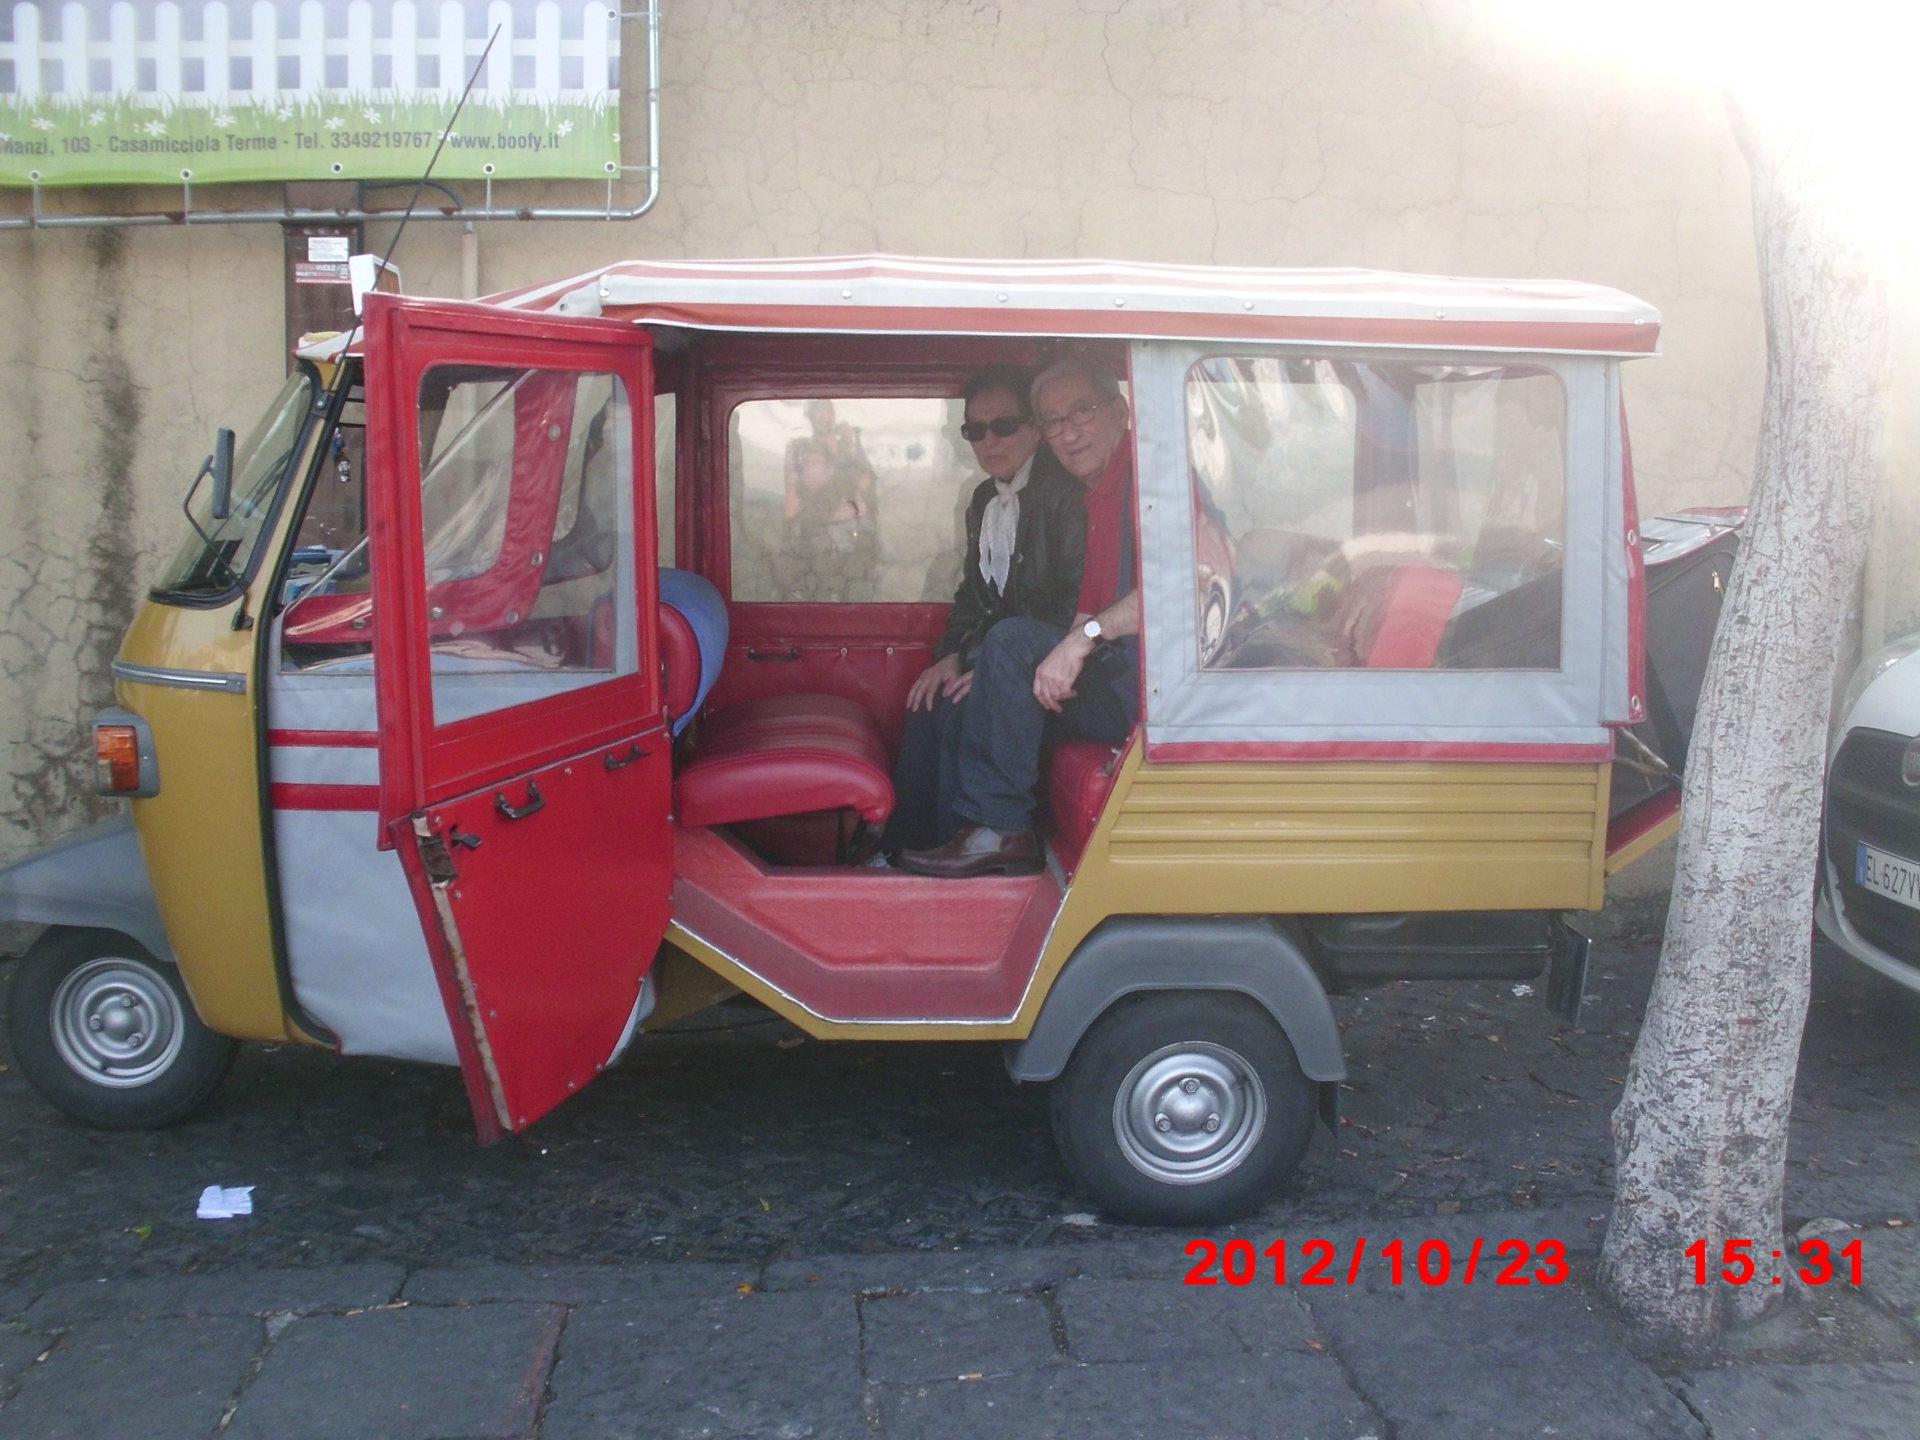 Ischia arriving point - Ischian Taxis